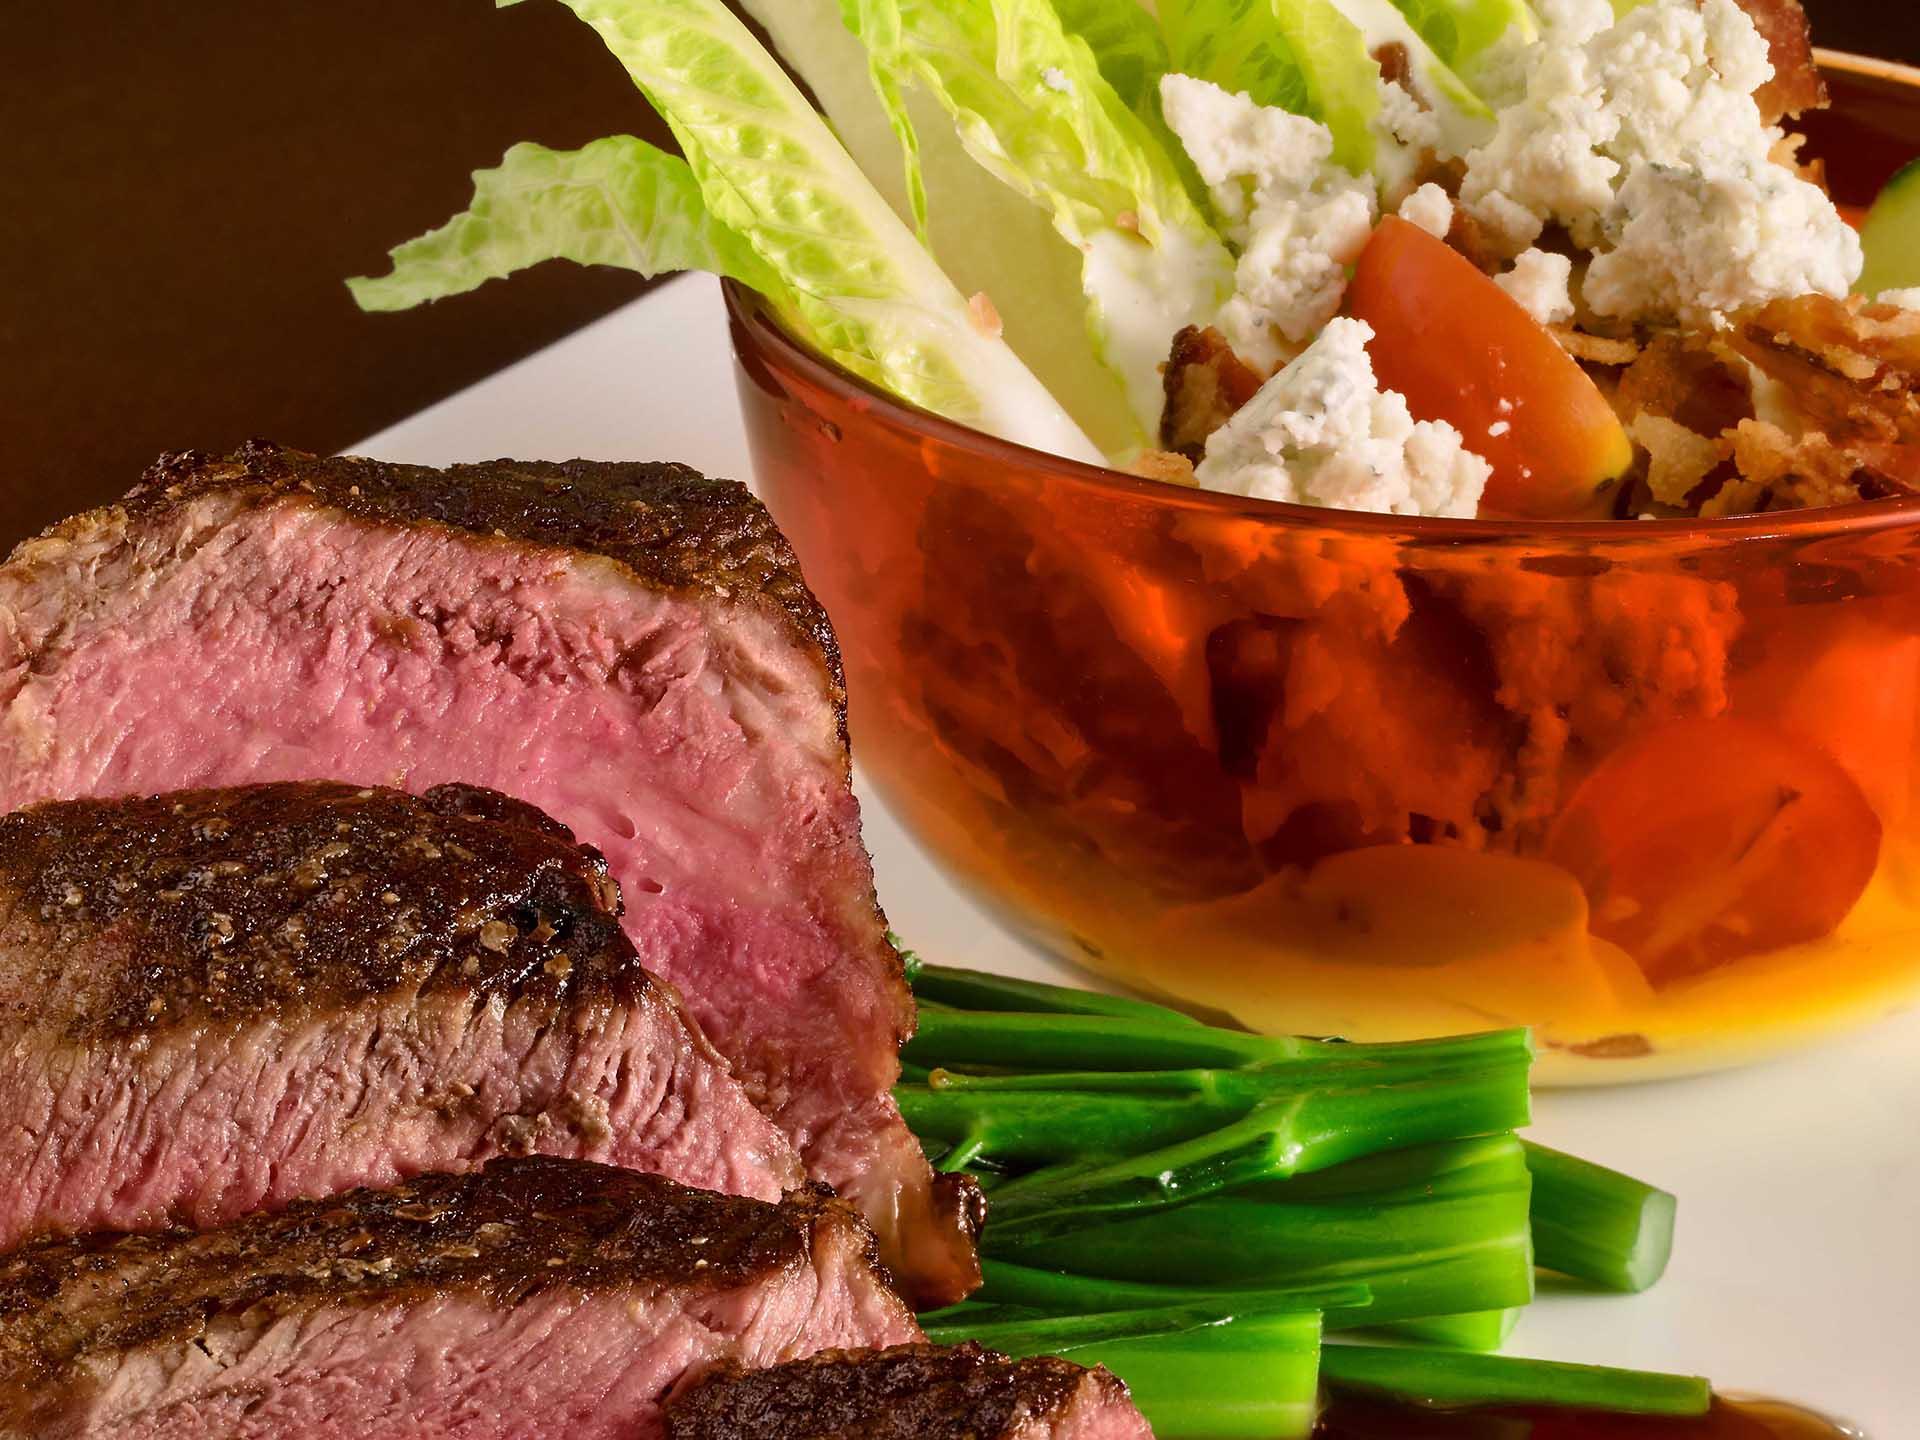 Seared Steak Close Up